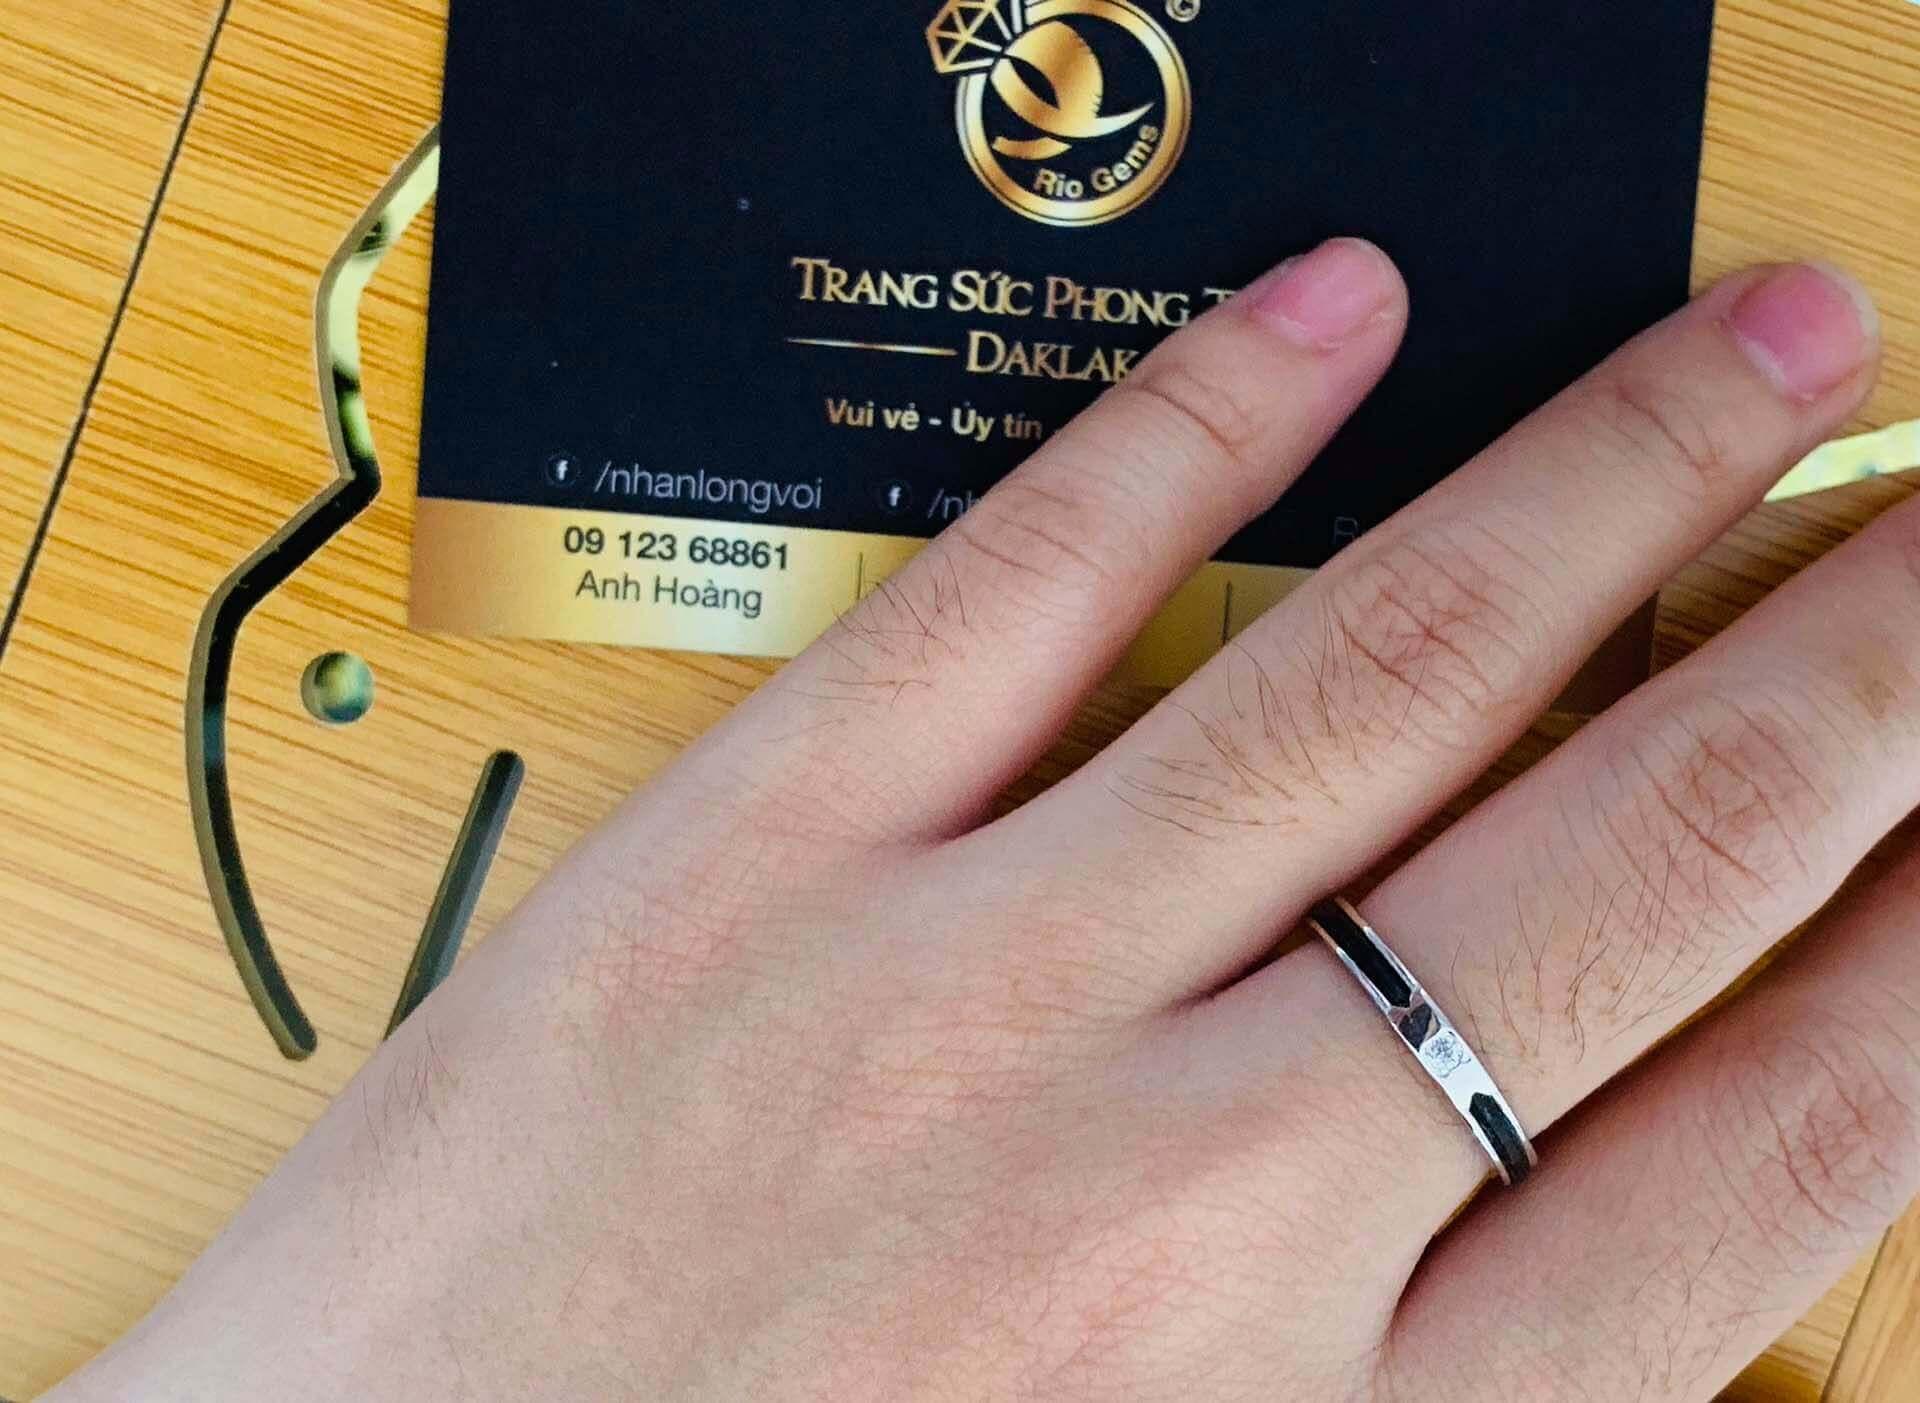 Nhẫn vuông vàng trắng 18K có kiểu dáng vuông vắn hiện đại, thiết kế đơn giản với lông voi đen bắt mắt và đá Cz làm mặt nhẫn